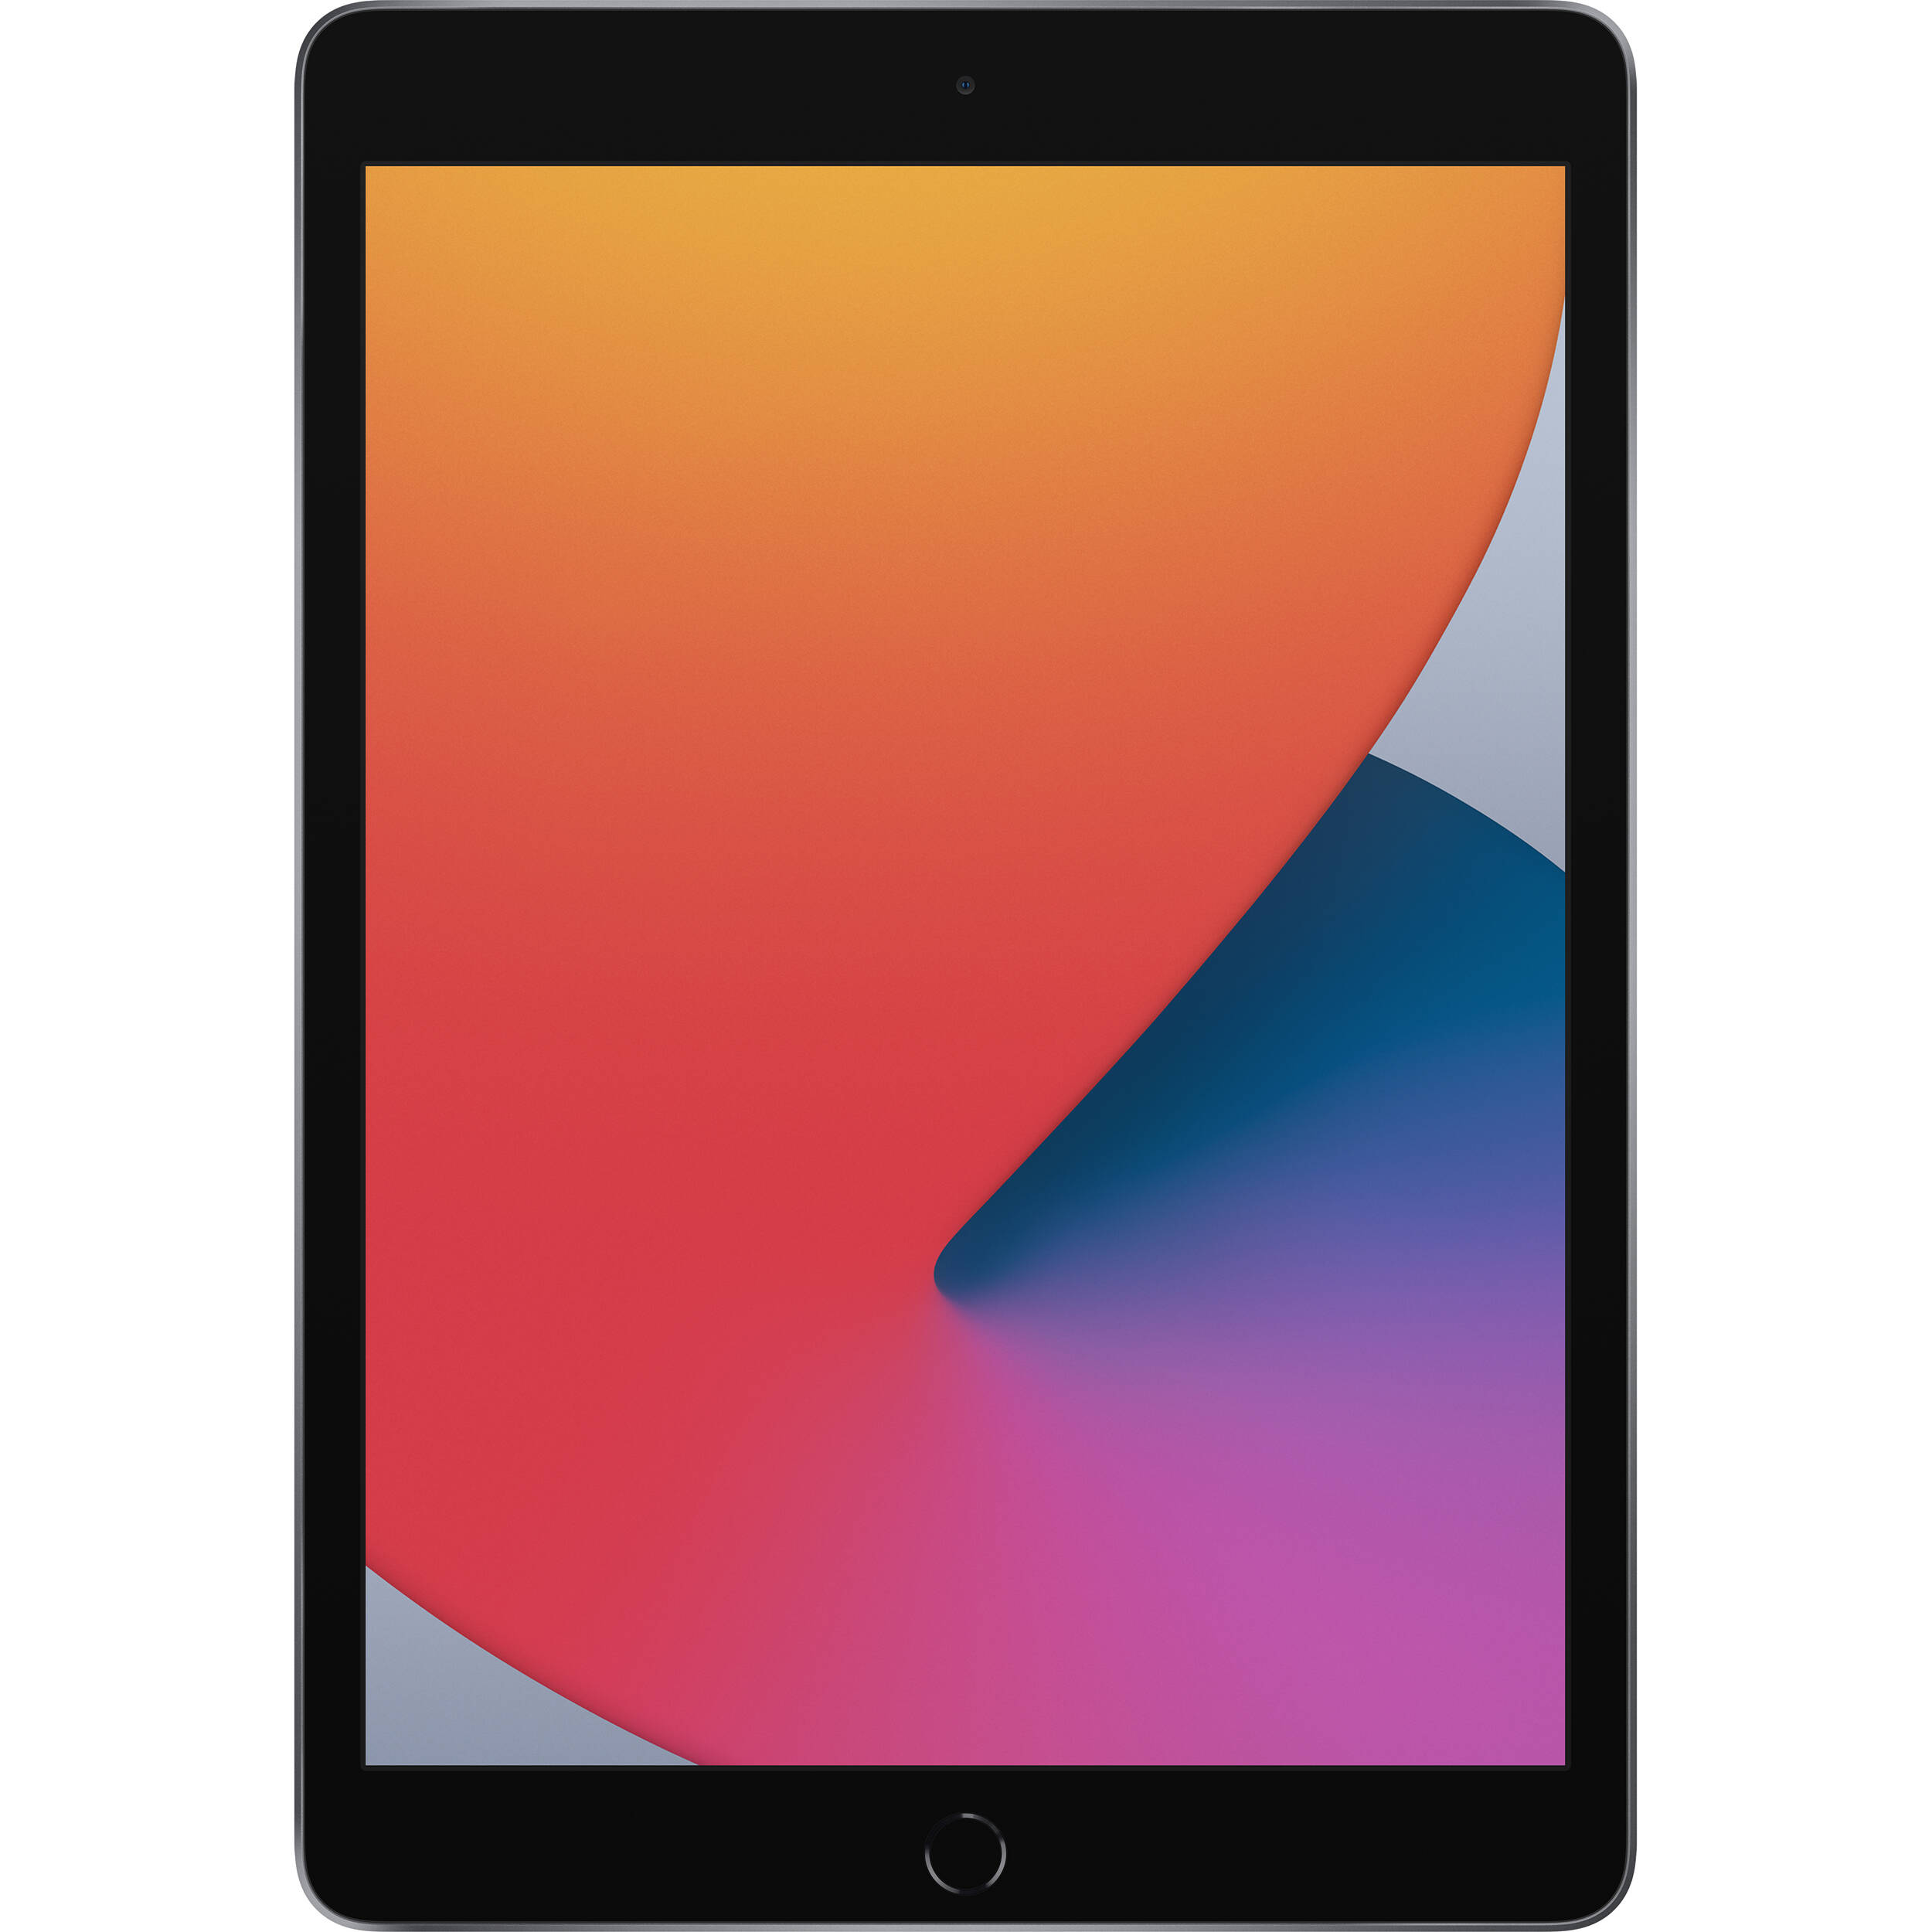 فروش نقدی و اقساطی تبلت اپل مدل iPad 10.2 inch 2020 WiFi ظرفیت 128 گیگابایت